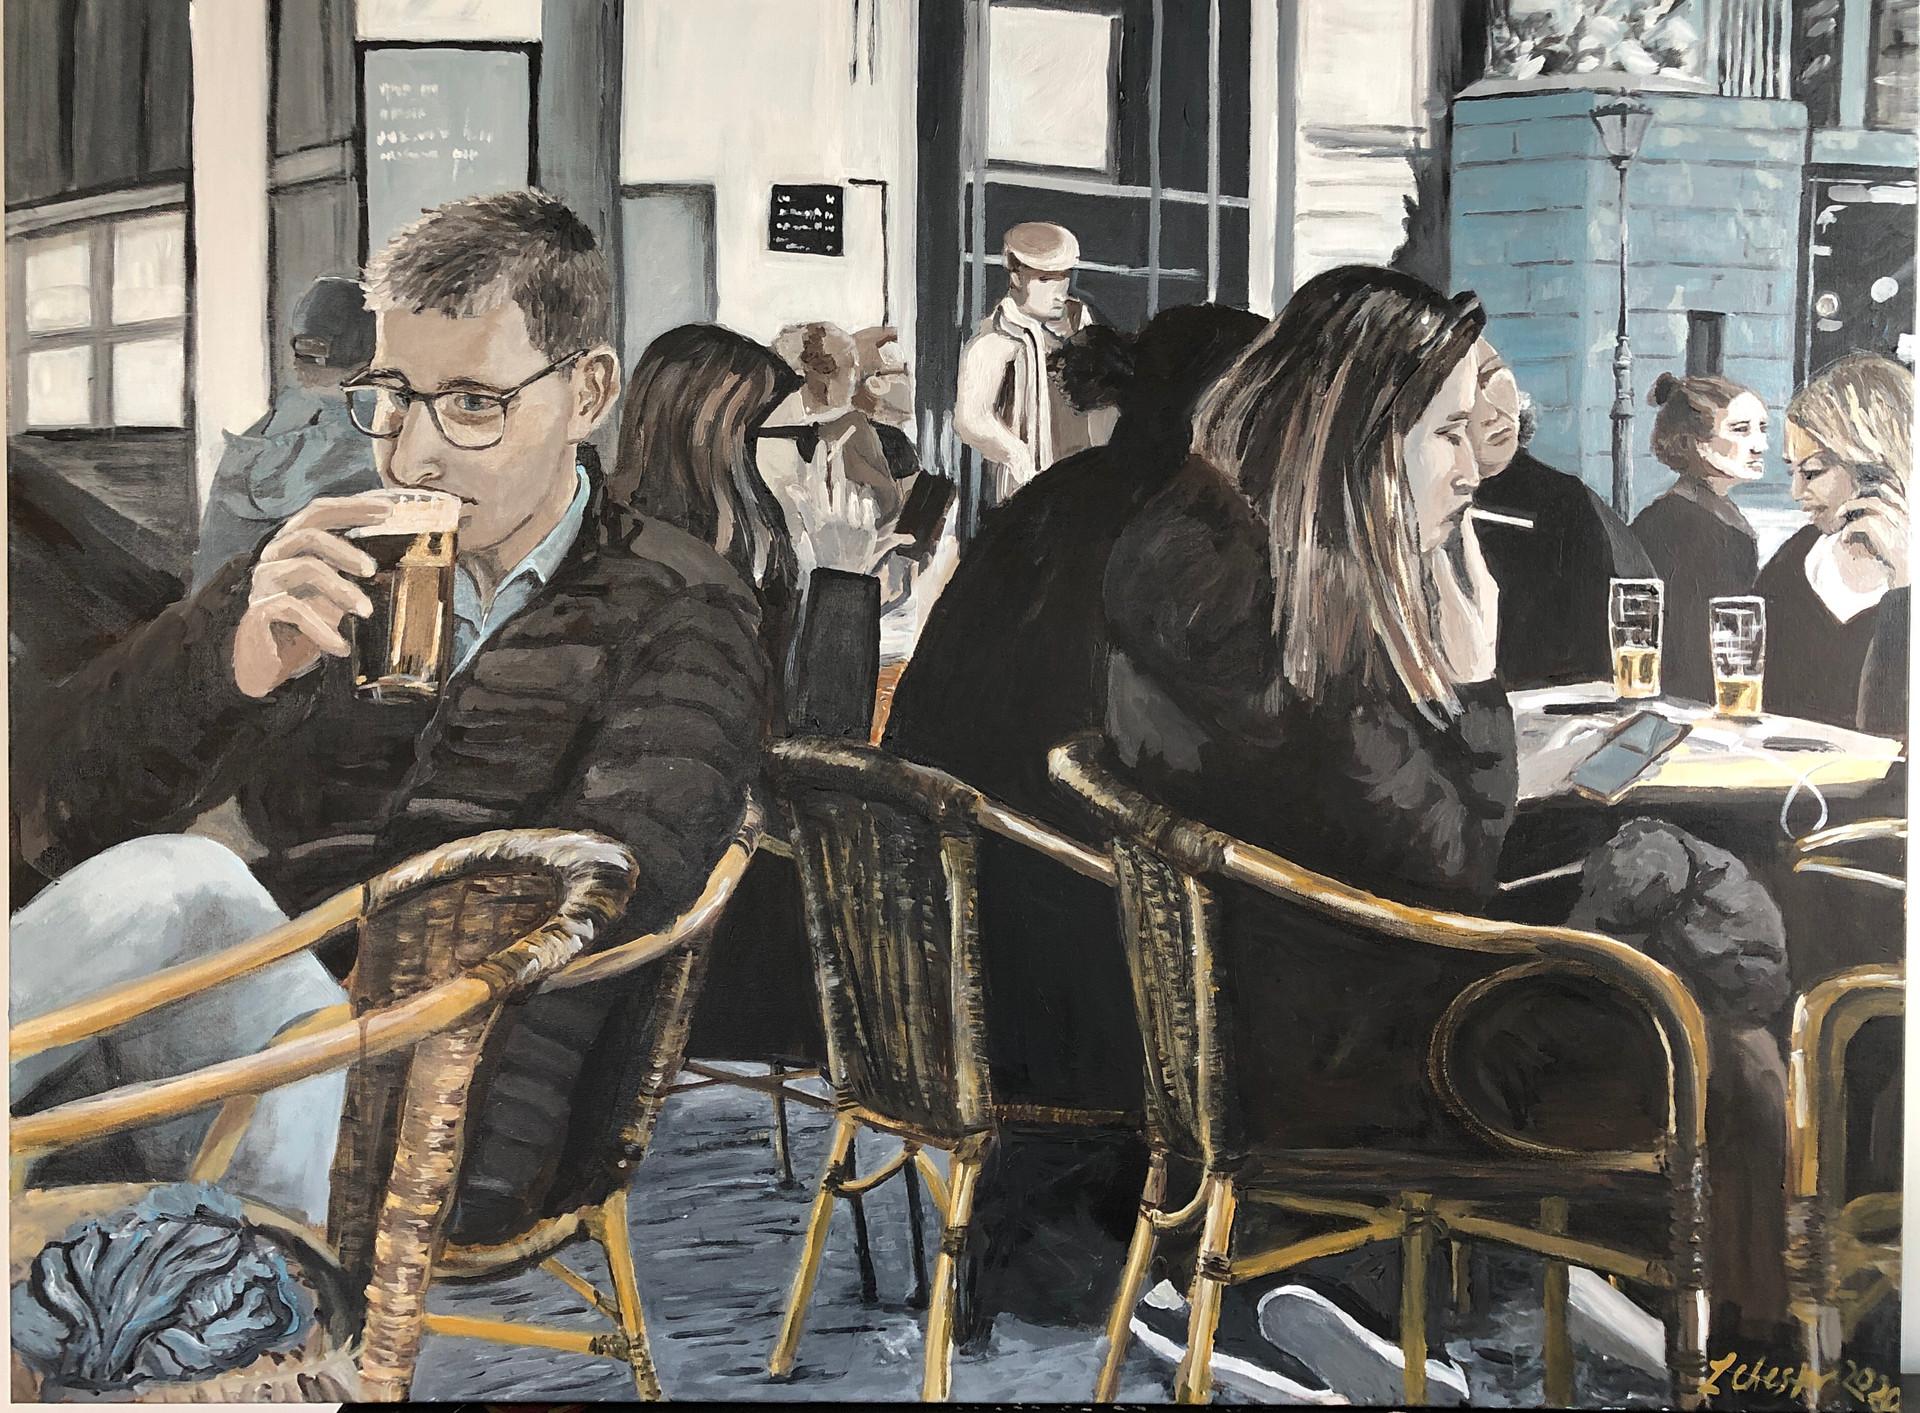 Conversations 5-Rembrandt Plein, Amsterda